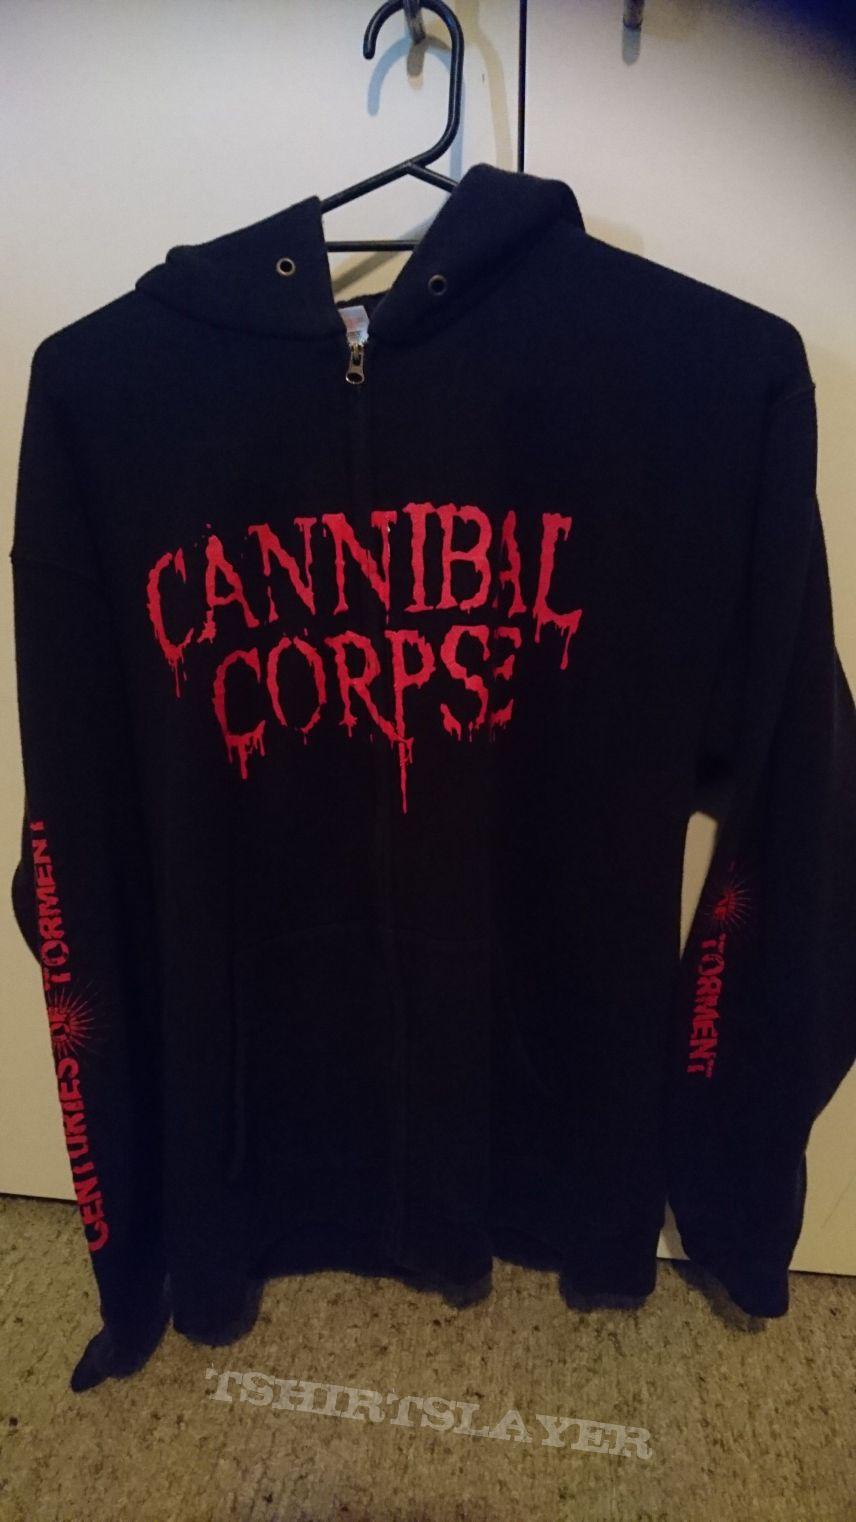 Cannibal corpse hoody